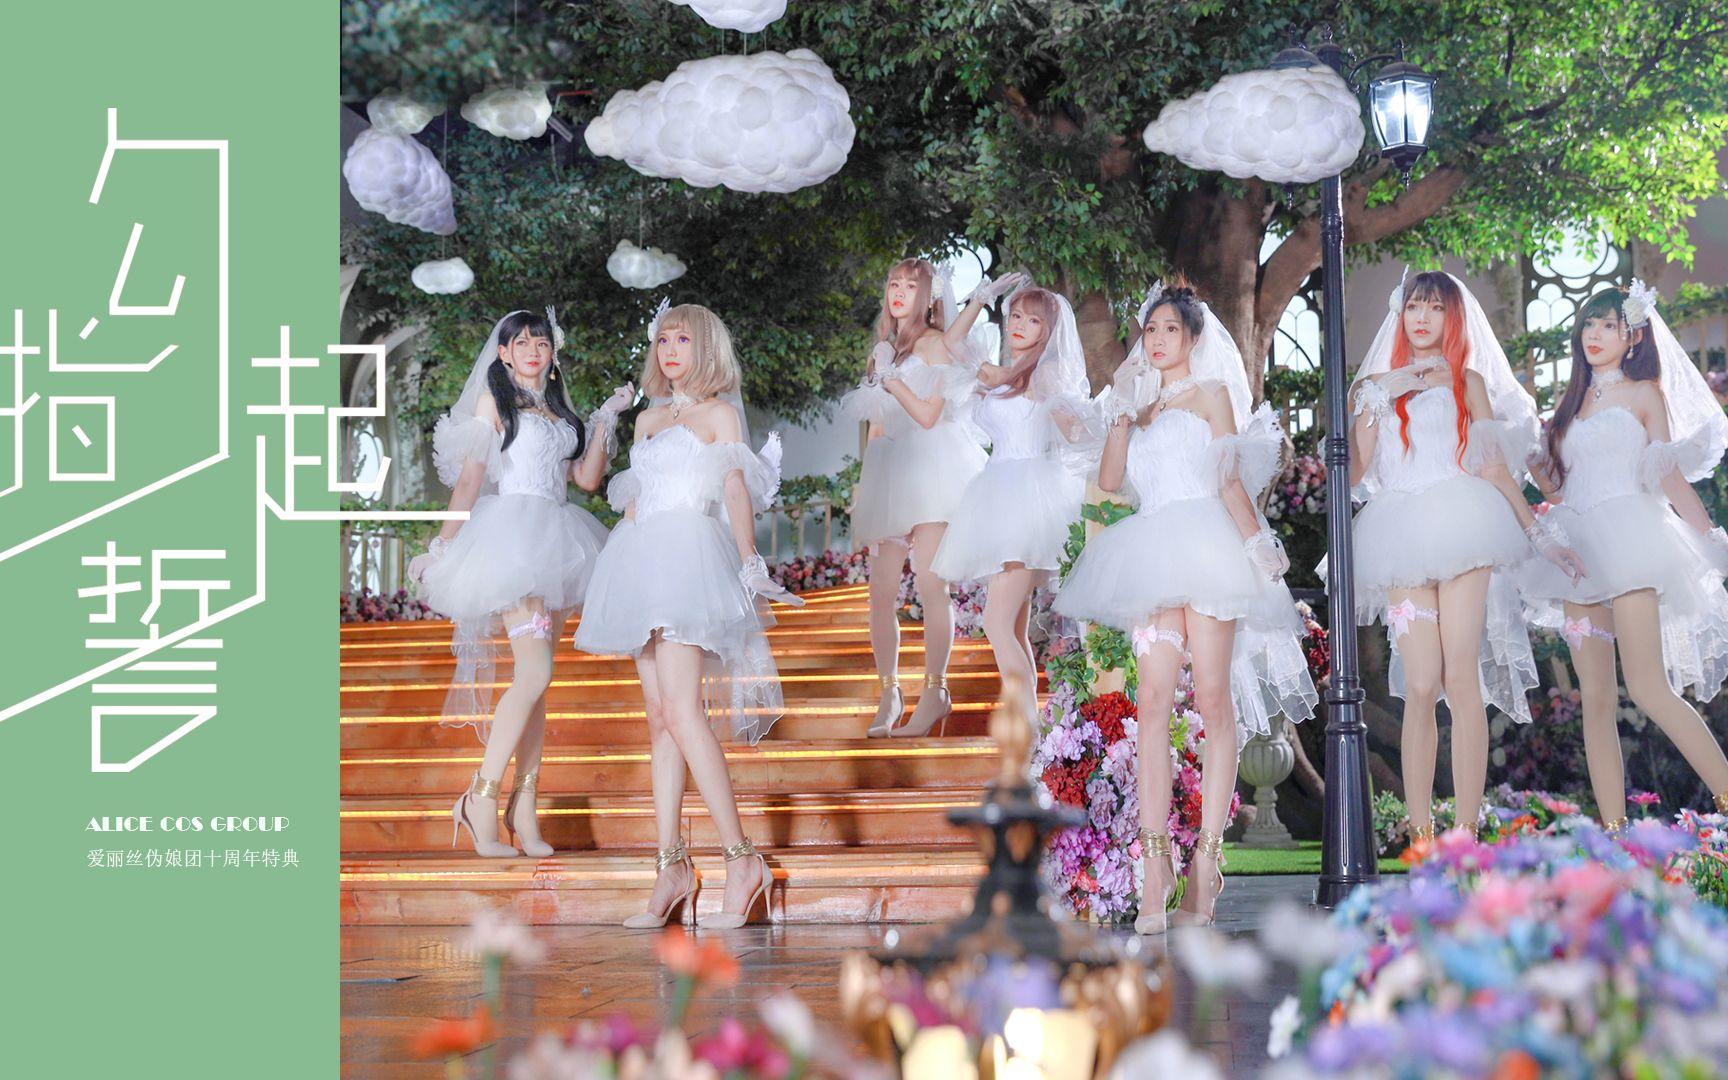 【爱丽丝伪娘团】❤勾指起誓❤ 一群男孩纸穿婚纱  咬人猫编舞版